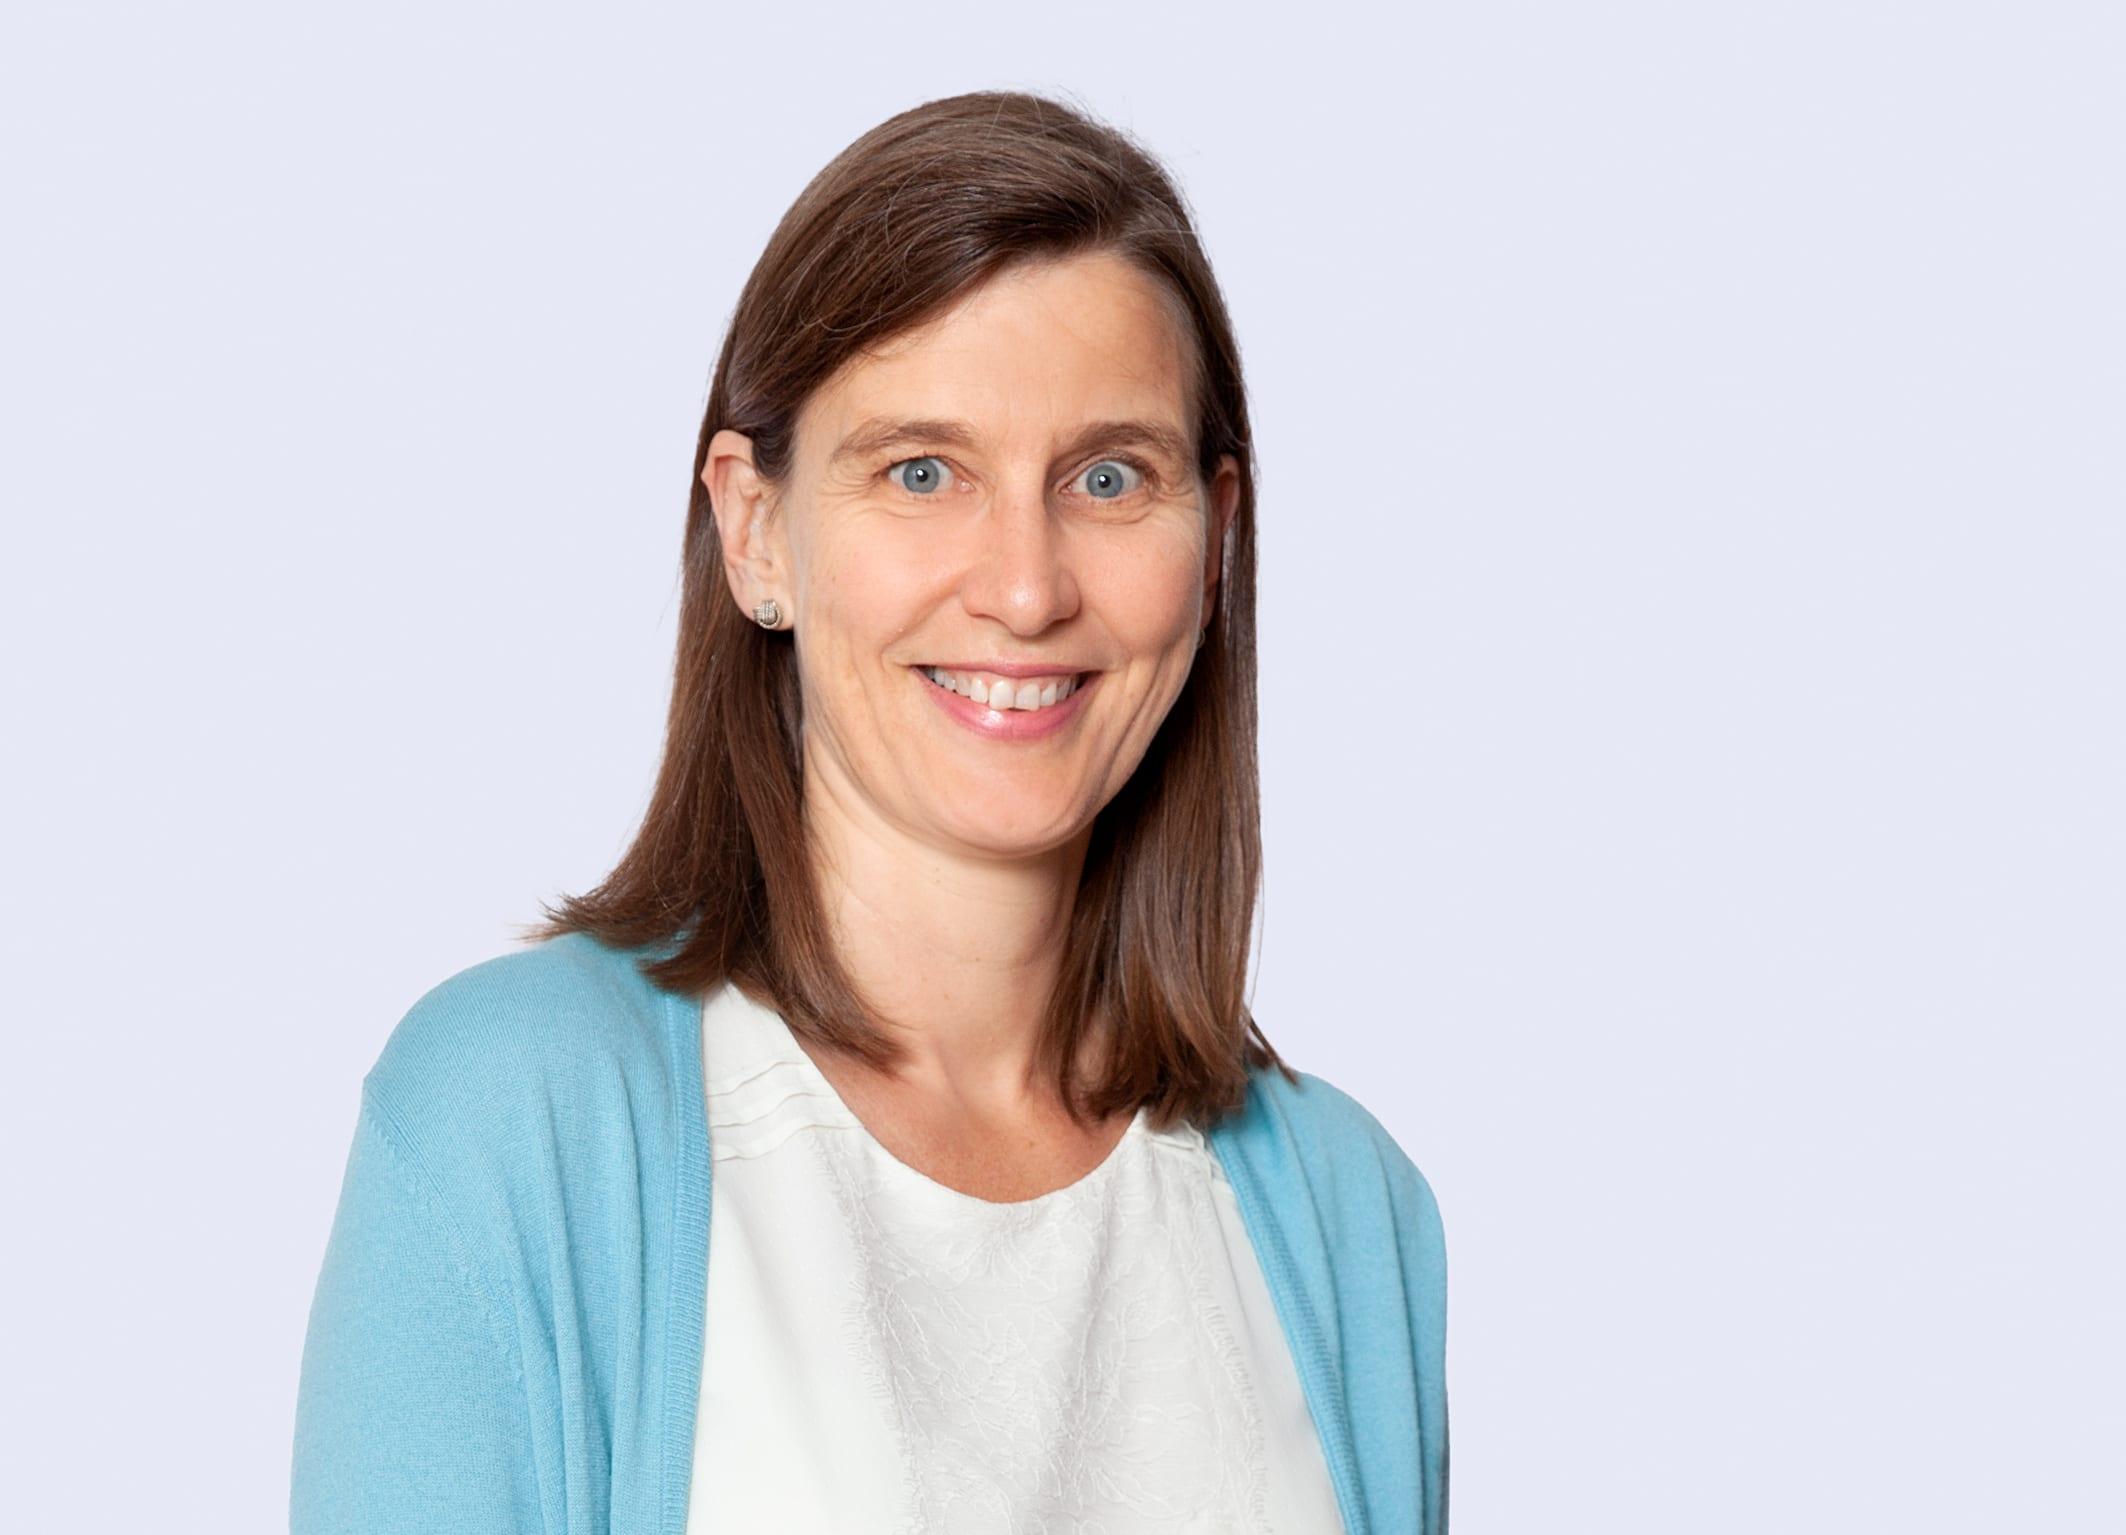 Trude Sølvberg